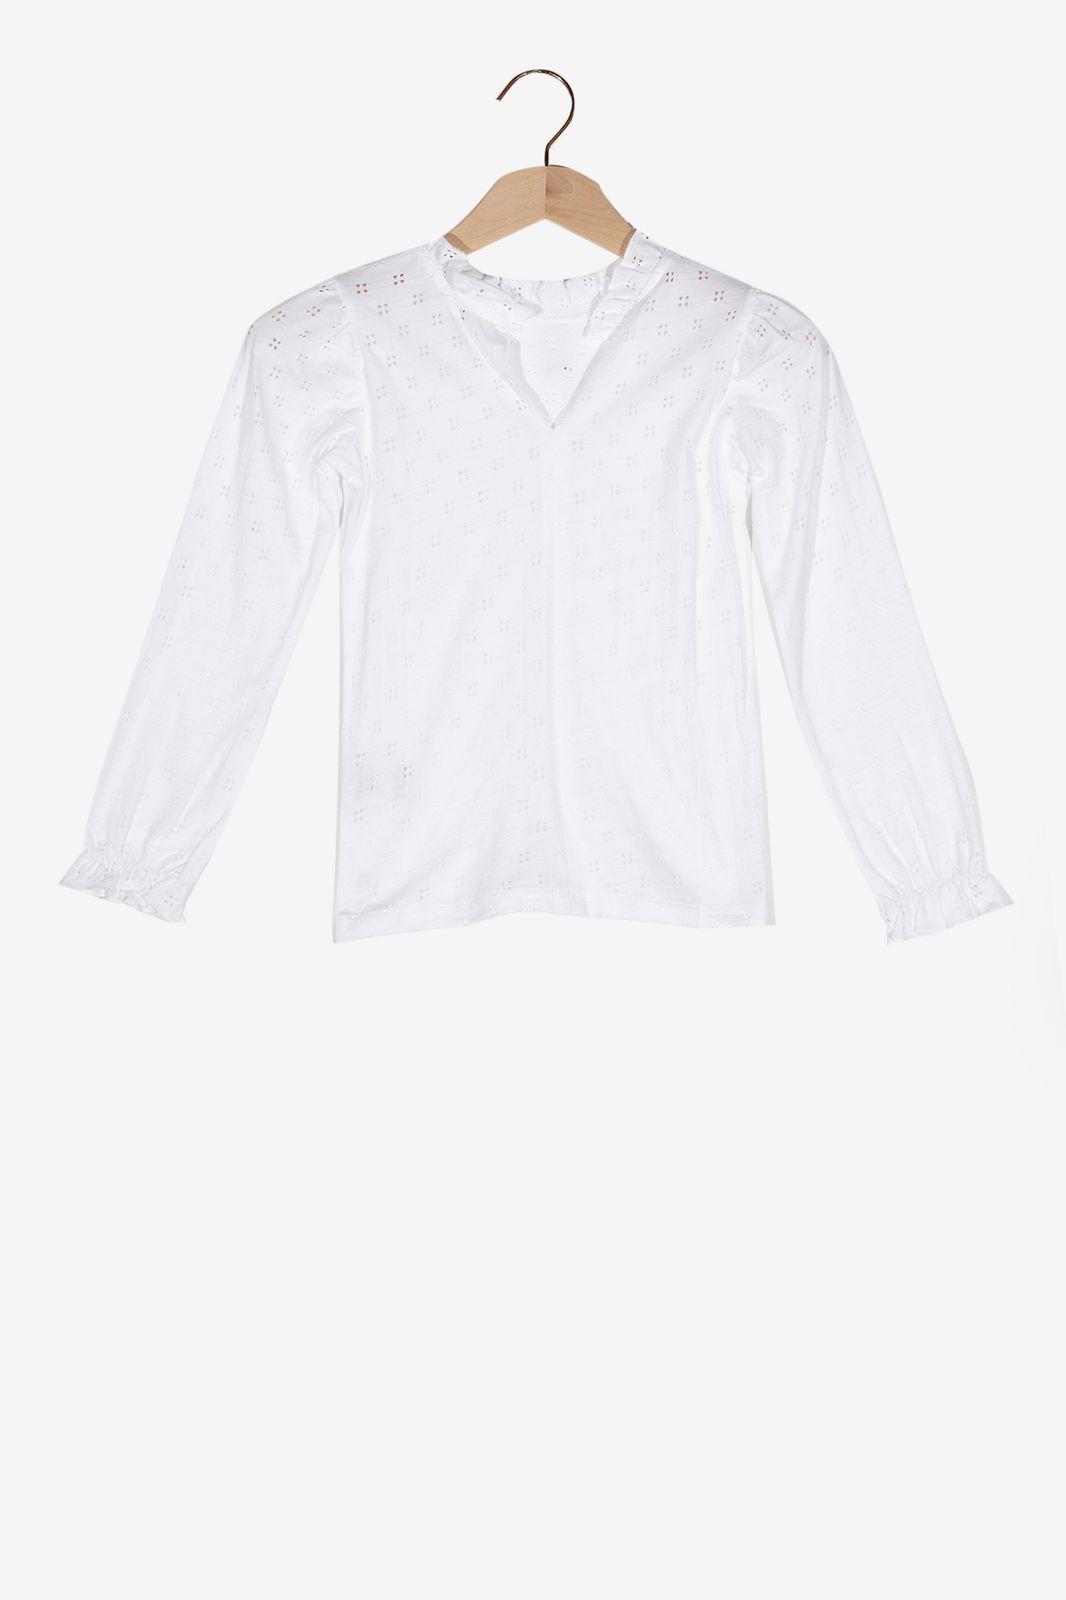 Wit T-shirt met kraagje - Kids | Sissy-Boy